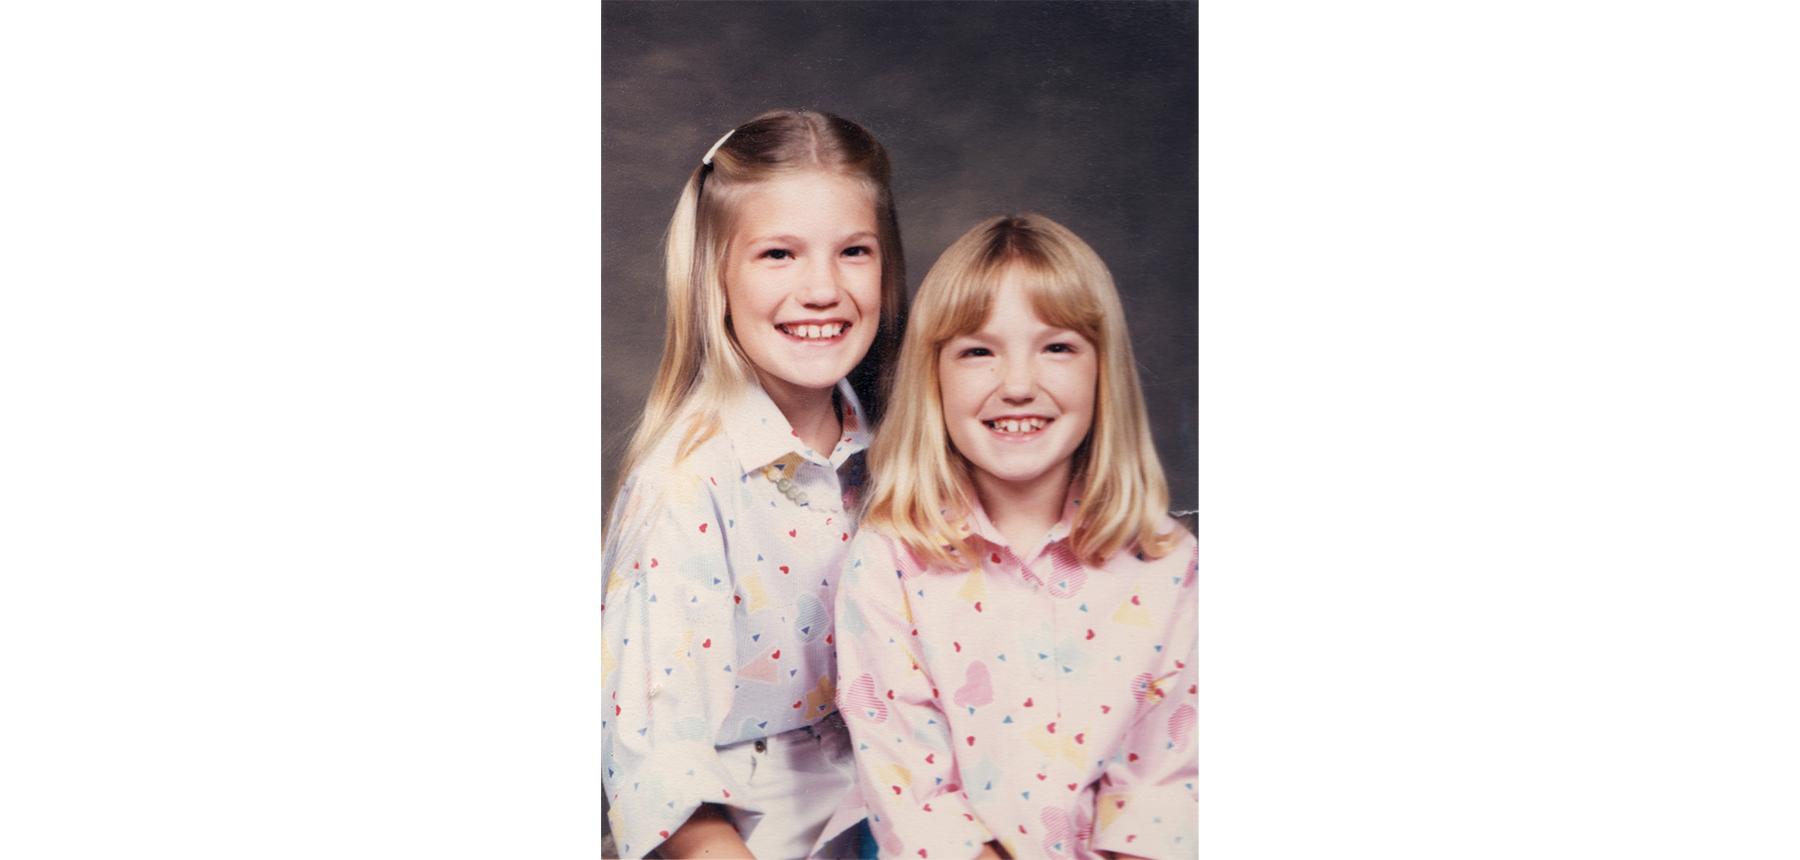 Lisa and Nora, circa 1986